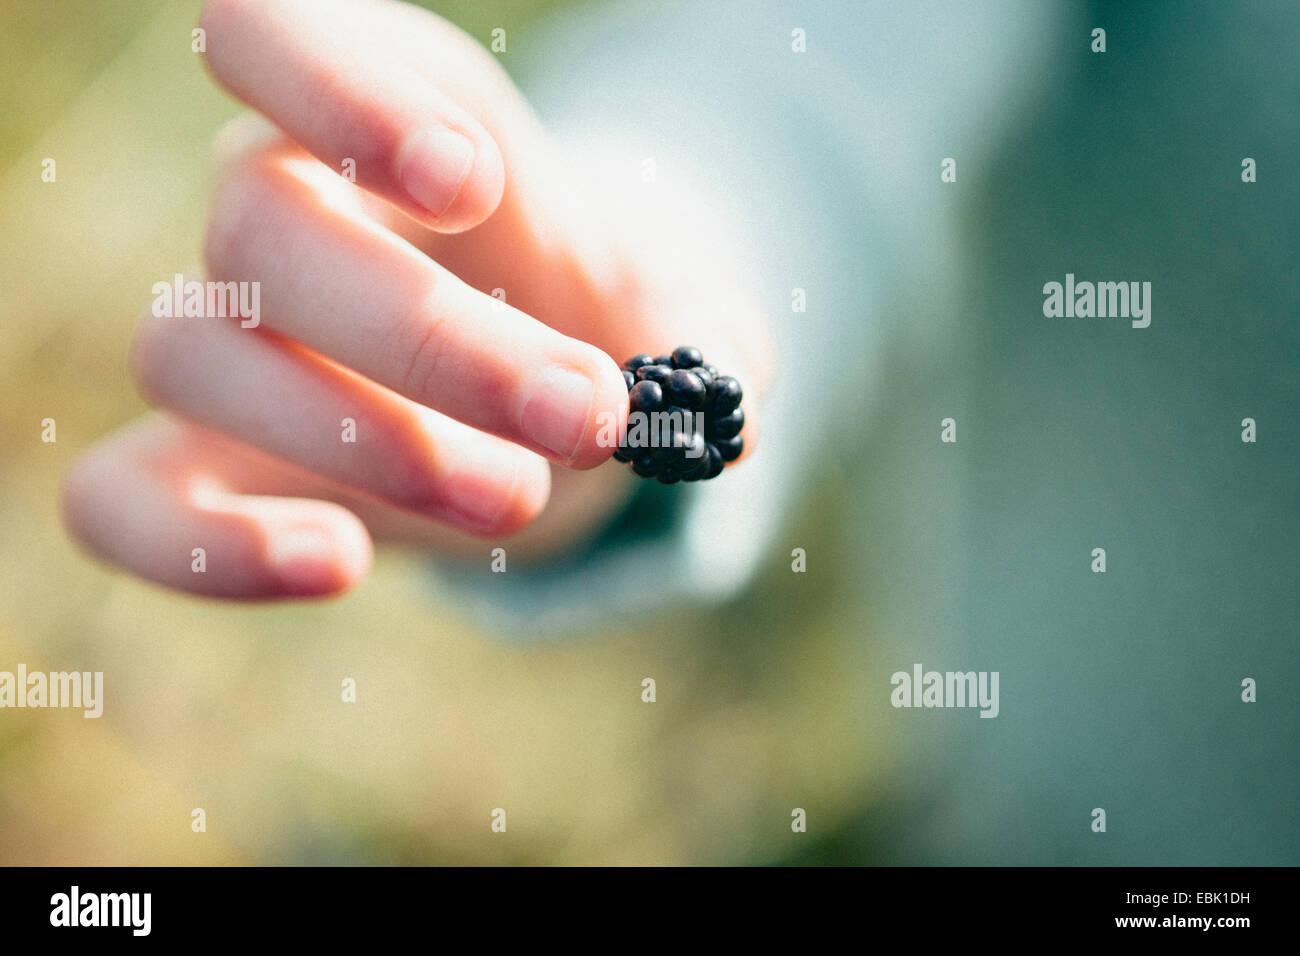 Persona in possesso di blackberry, close up Immagini Stock